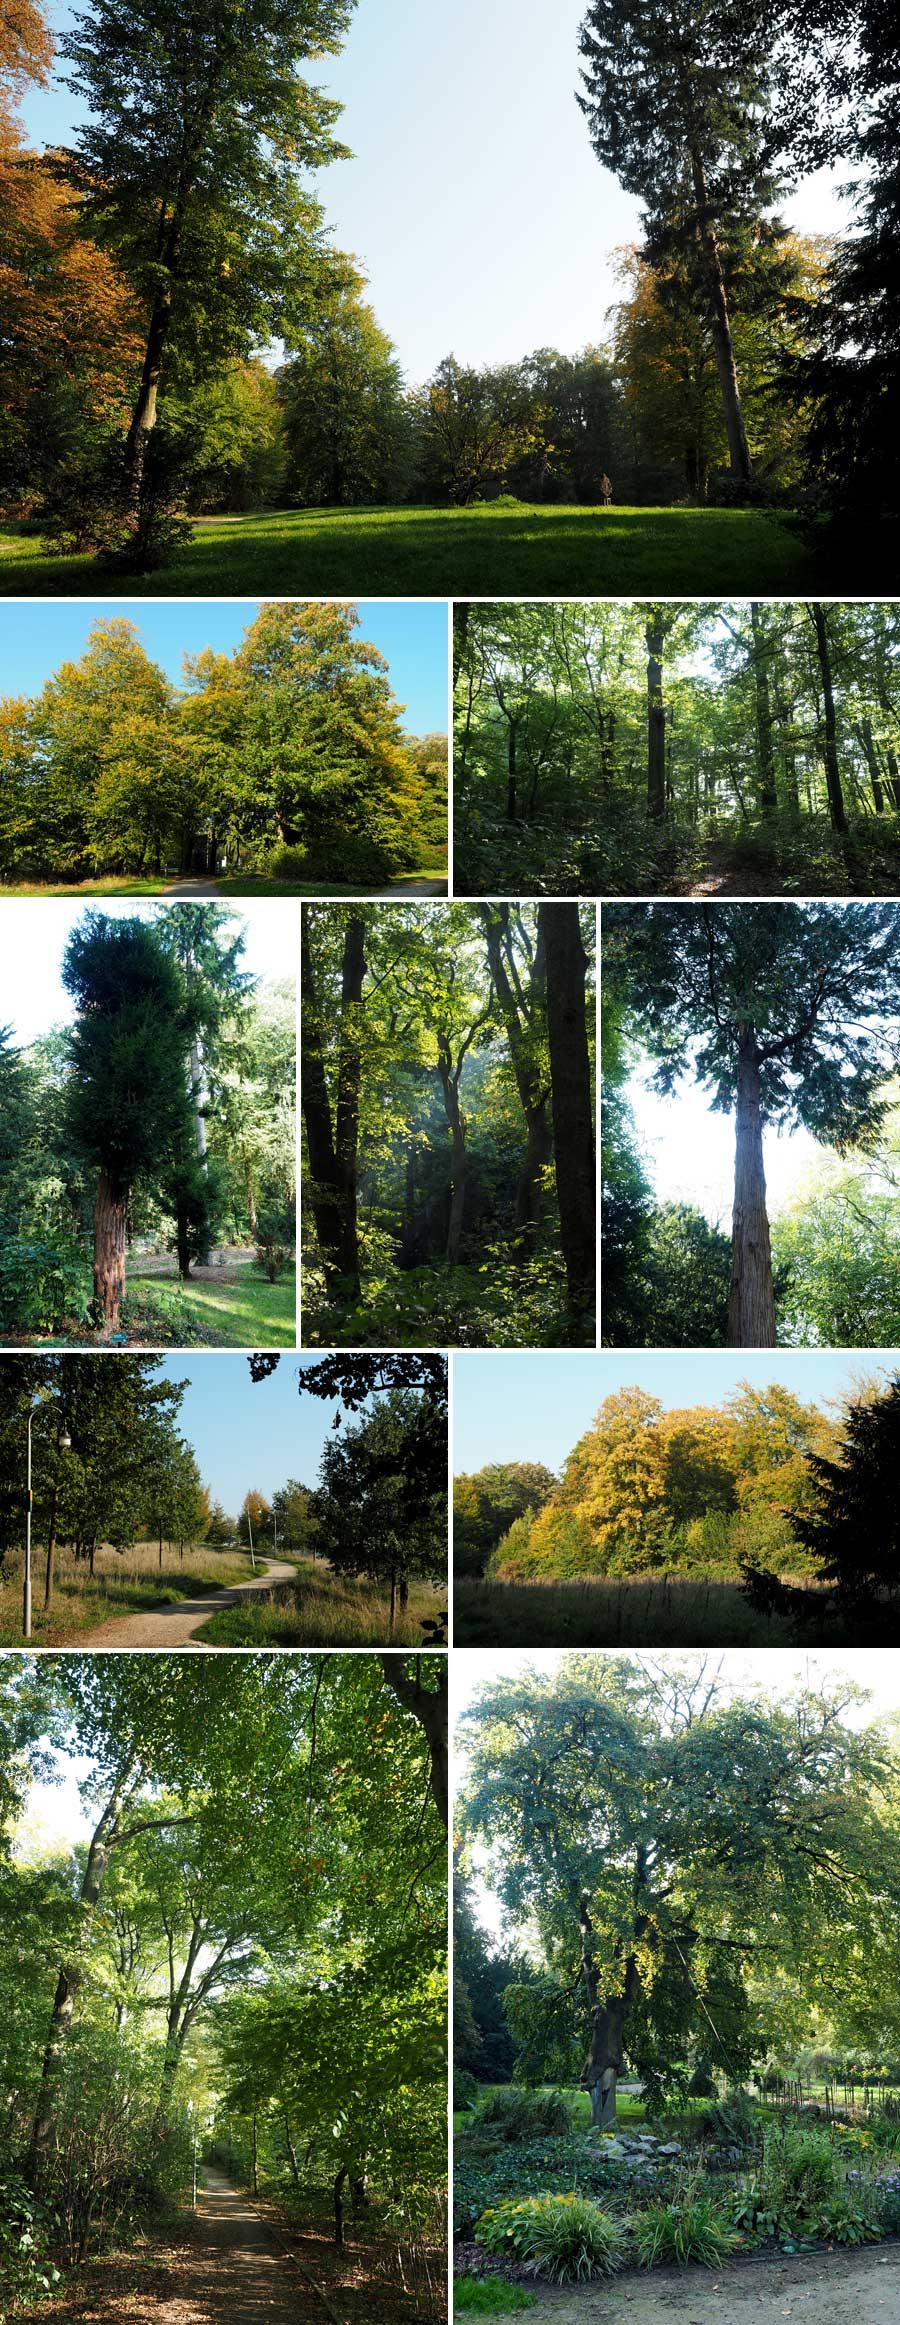 Parkflächen wechseln sich mit Waldabschnitten ab. Überall finden sich auch außergewöhnliche Bäume. Hier lässt sich wirklich abschalten.